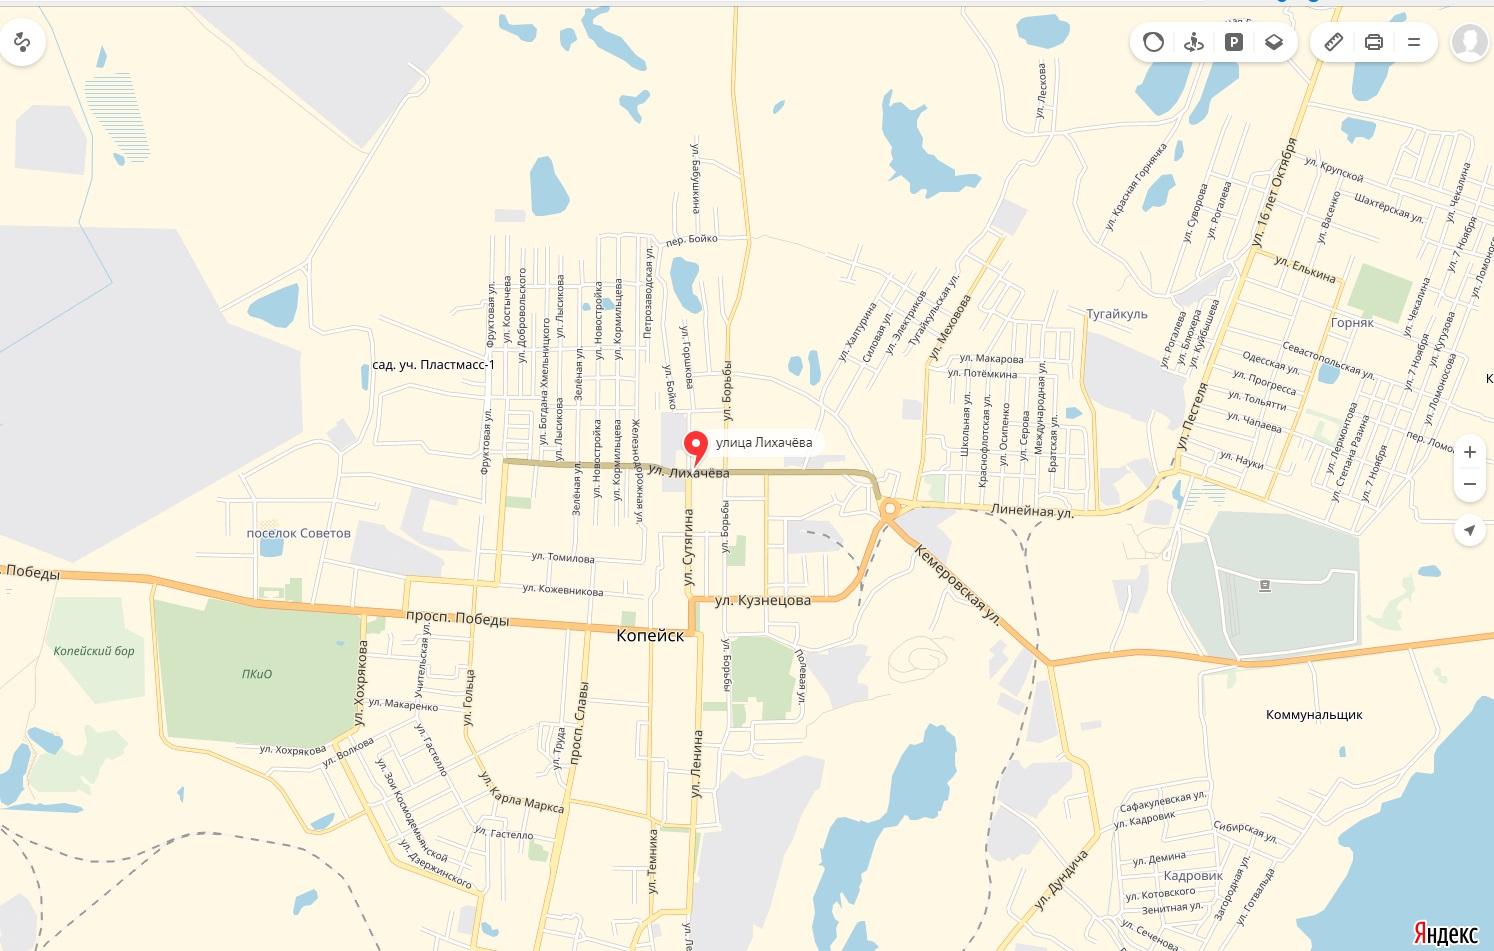 Карта Улицы Лихачева Копейска